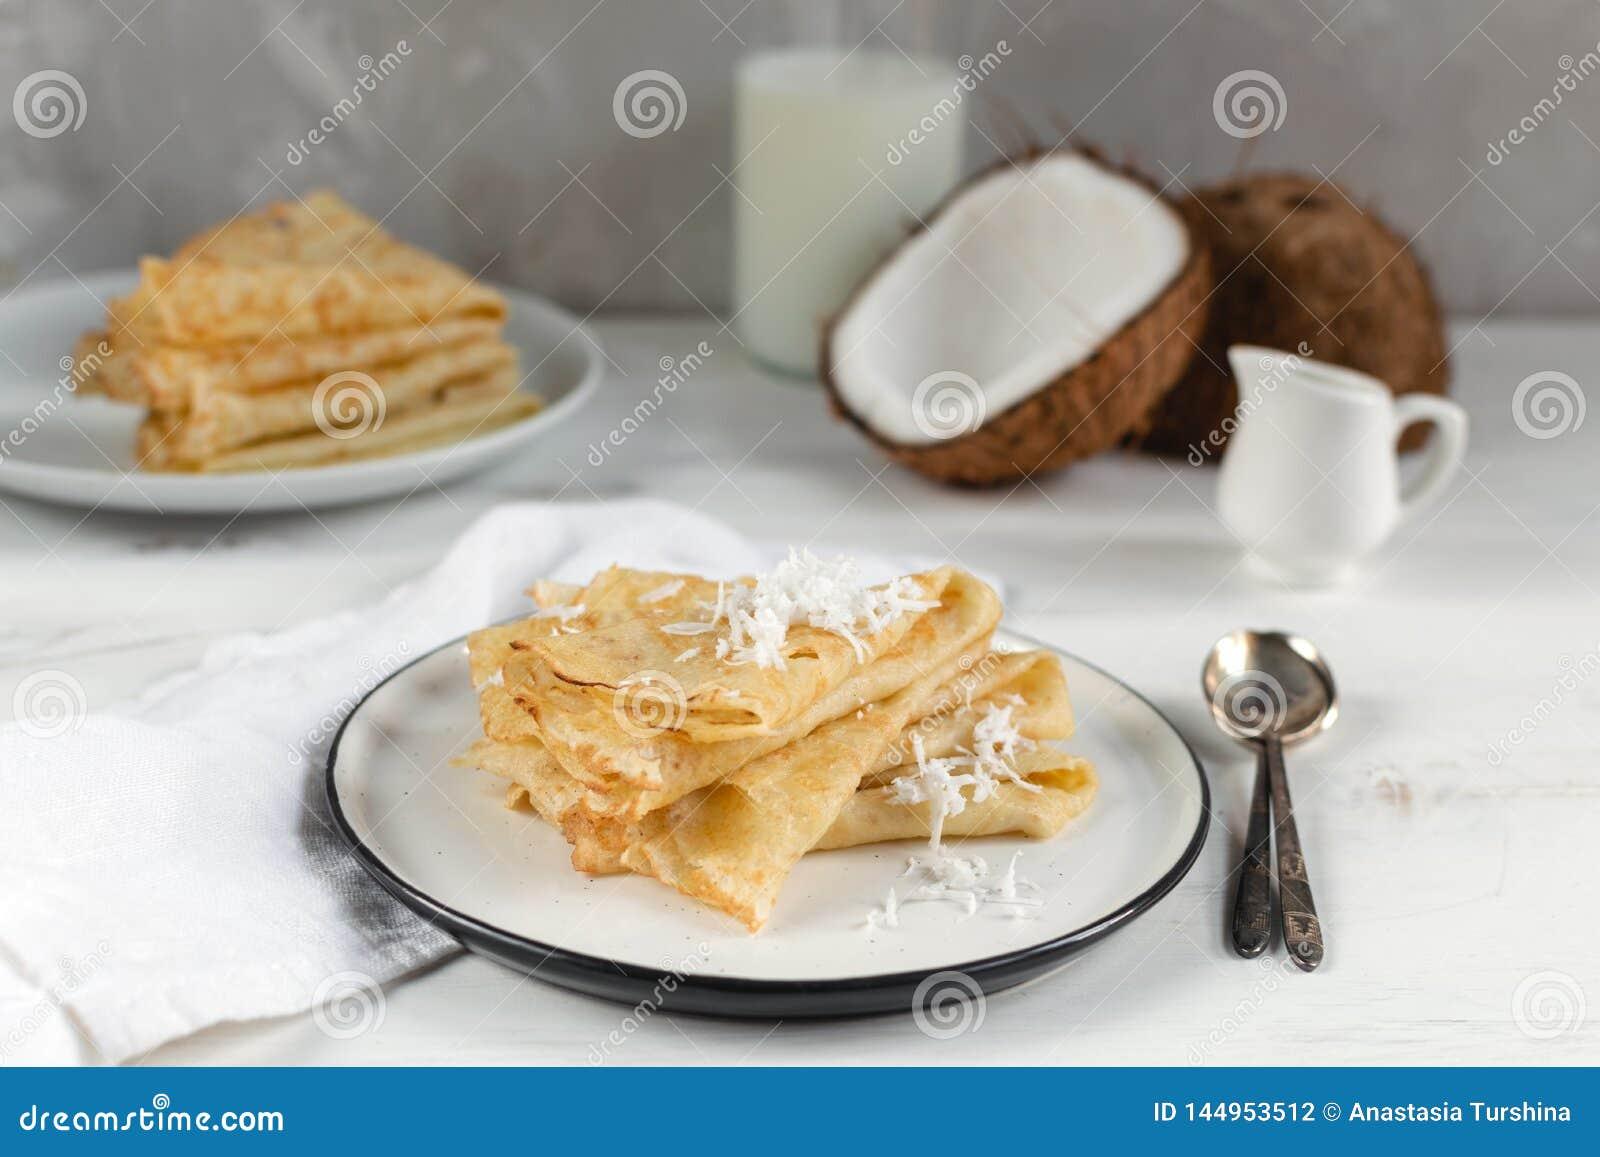 Morgen, Frühstück - traditionelle russische Blinipfannkuchen, französische Krepps, frische Kokosnuss, Milchflasche, weißer ke